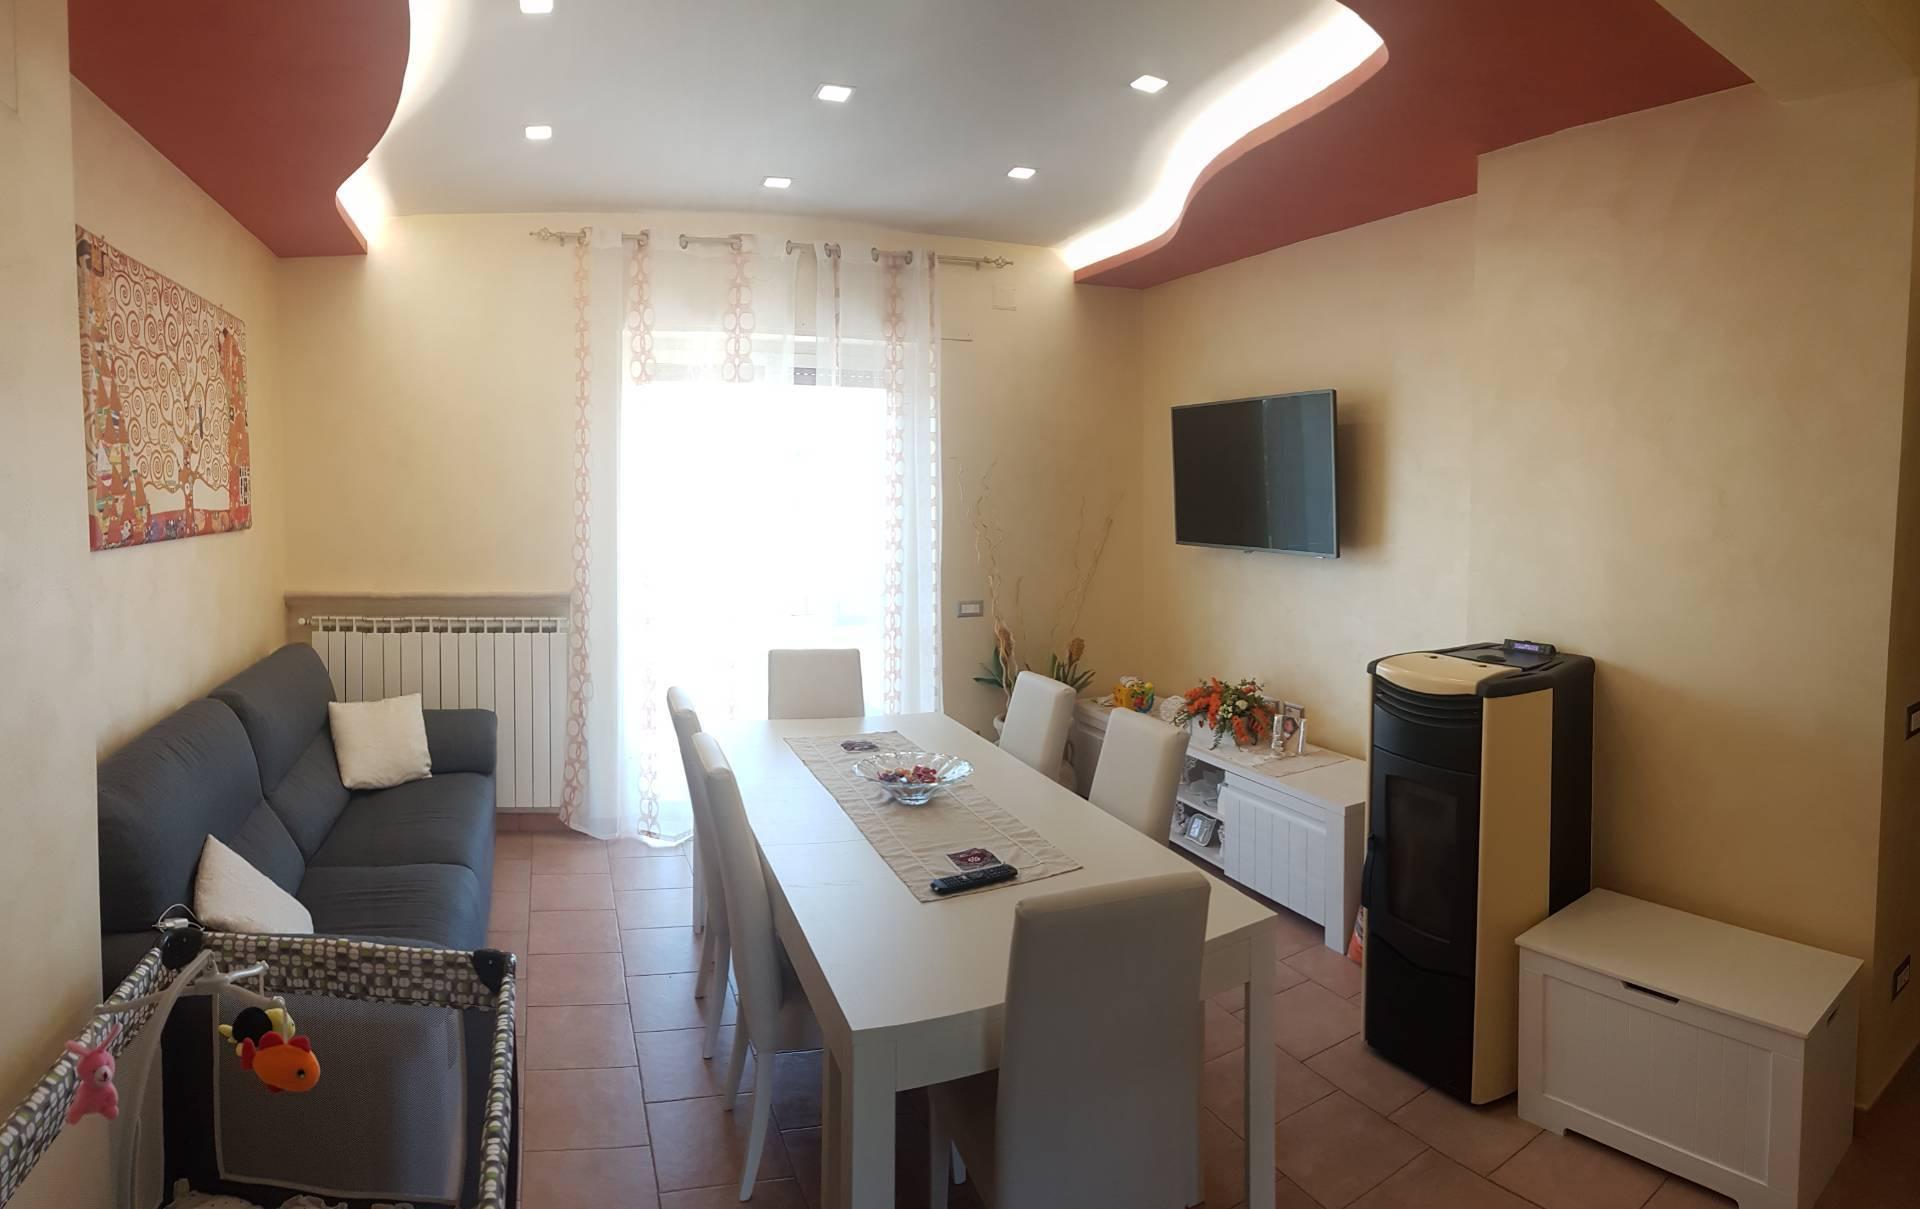 Appartamento in vendita a Fontana Liri, 5 locali, zona Località: FontanaLiriInferiore, prezzo € 89.000 | PortaleAgenzieImmobiliari.it